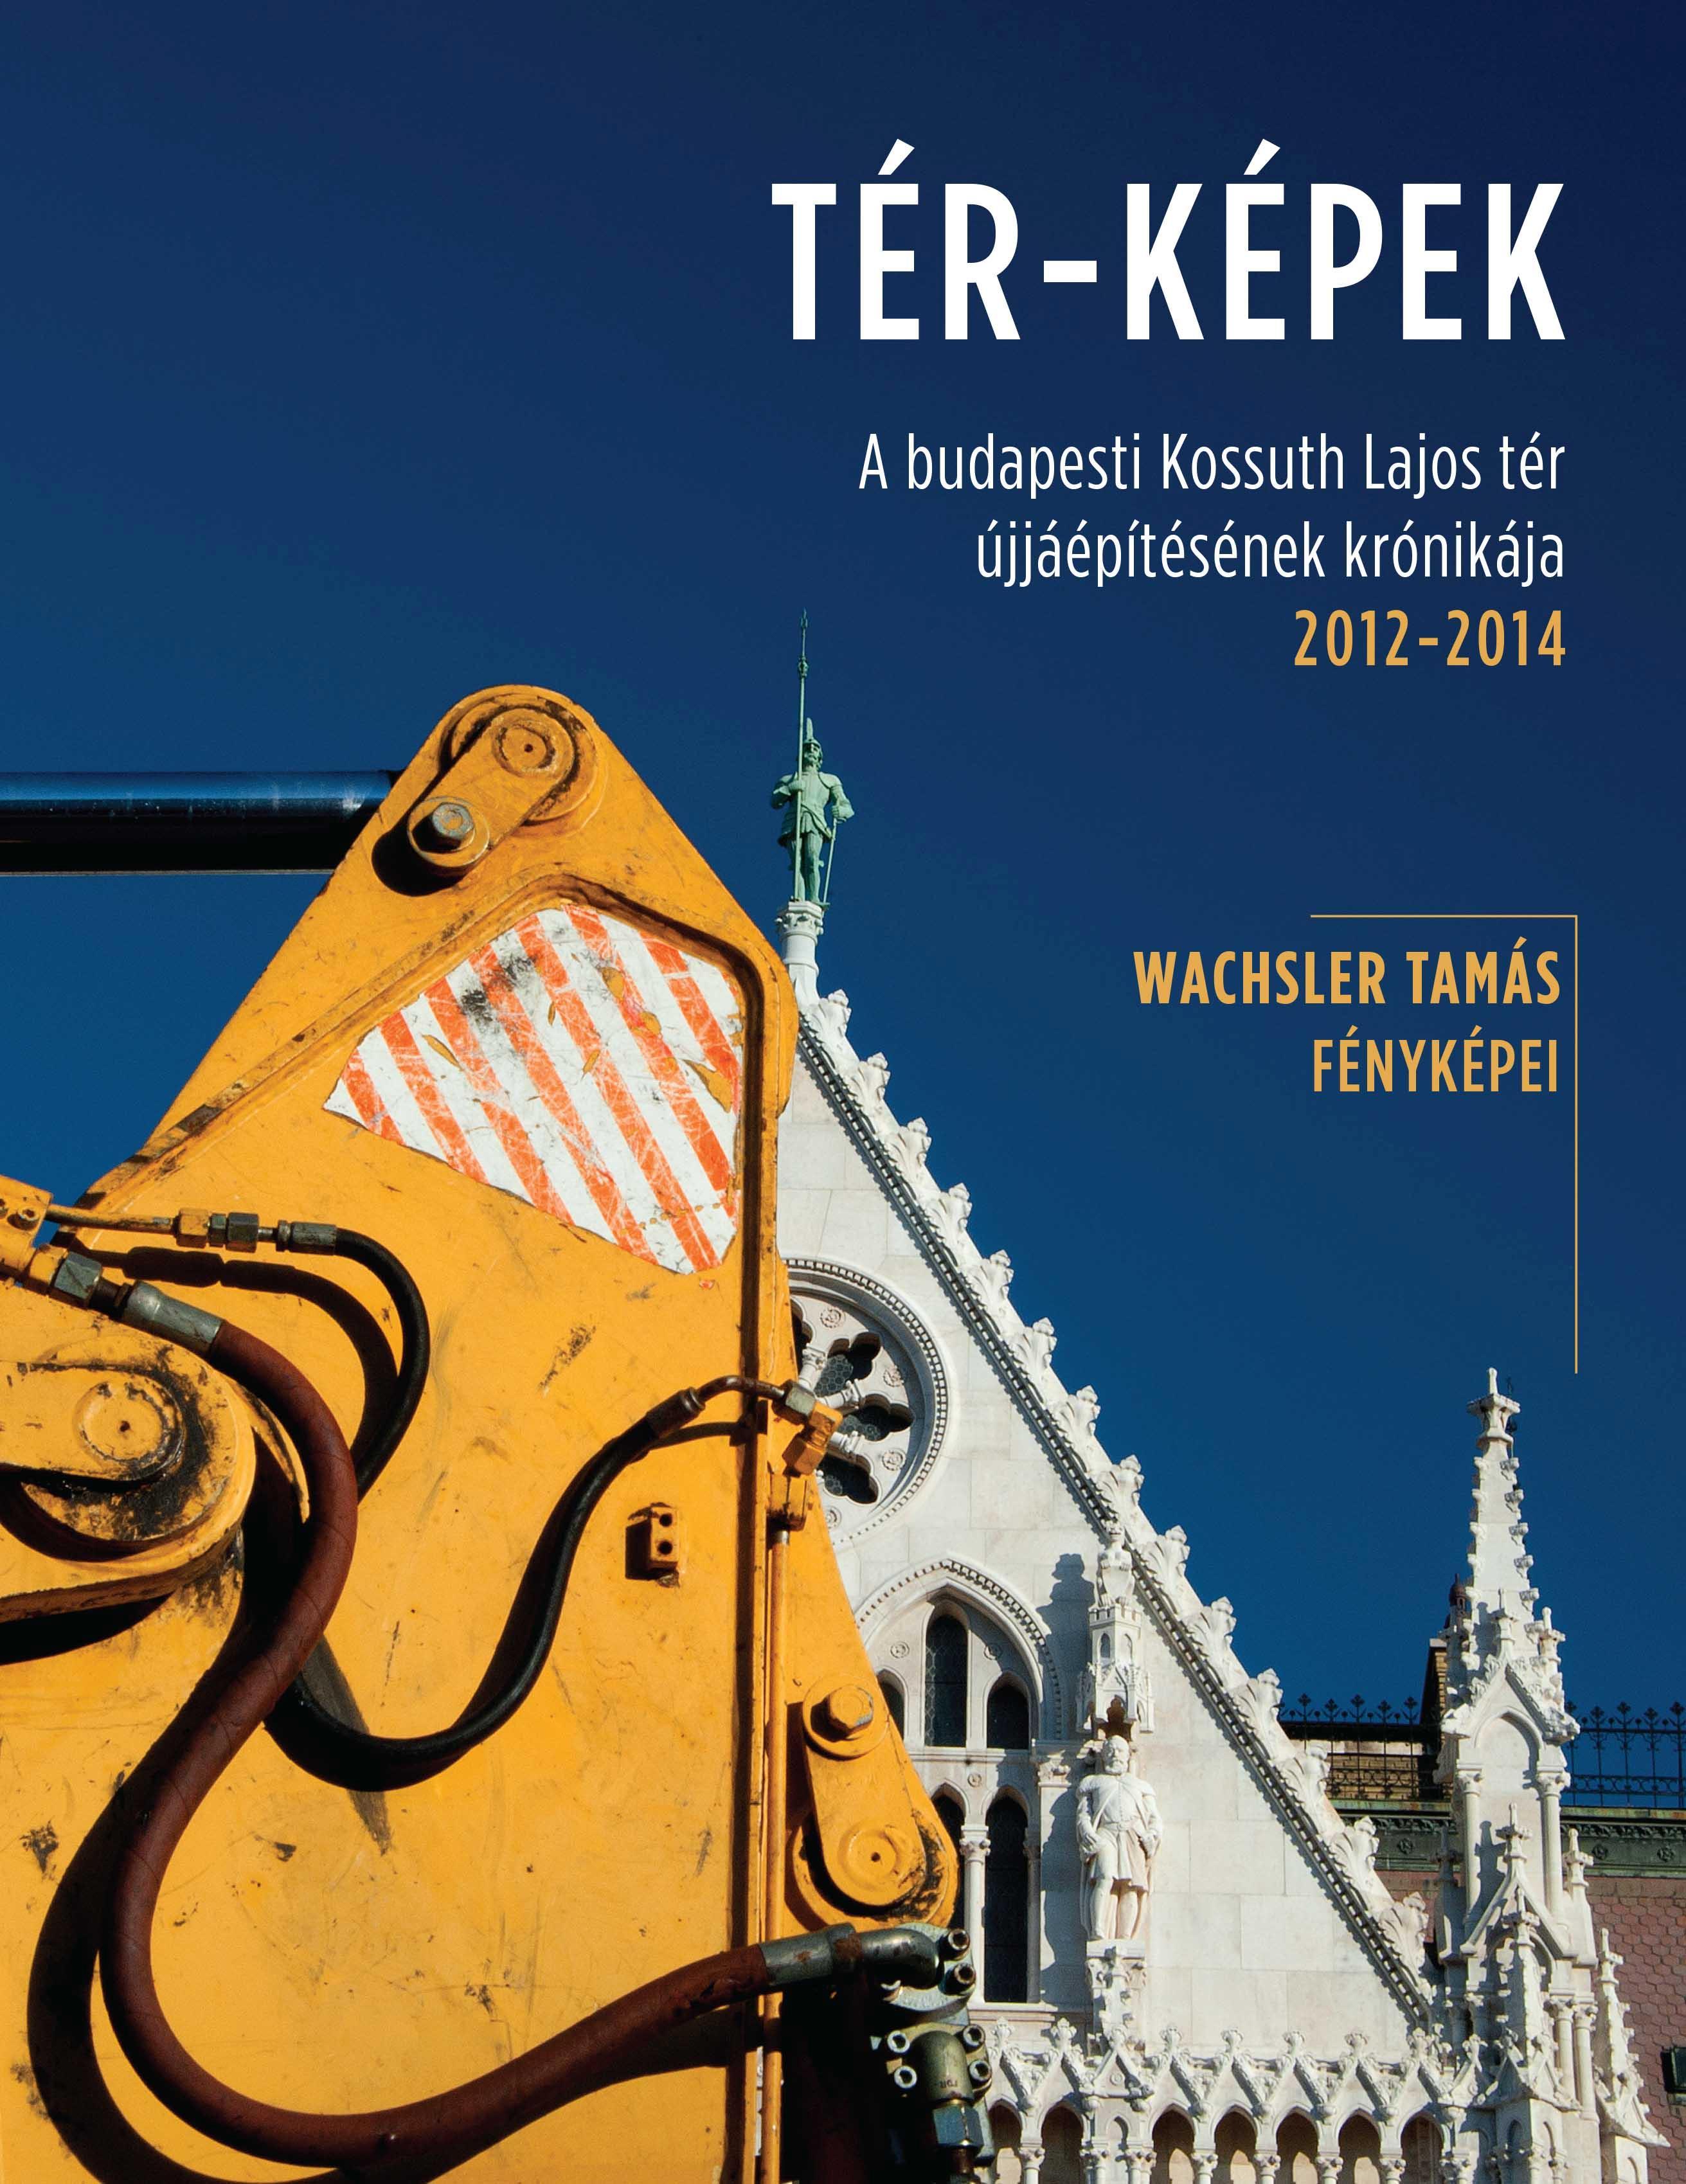 TÉR-KÉPEK - A BUDAPESTI KOSSUTH LAJOS TÉR ÚJJÁÉPÍTÉSÉNEK KRÓNIKÁJA 2012-2014